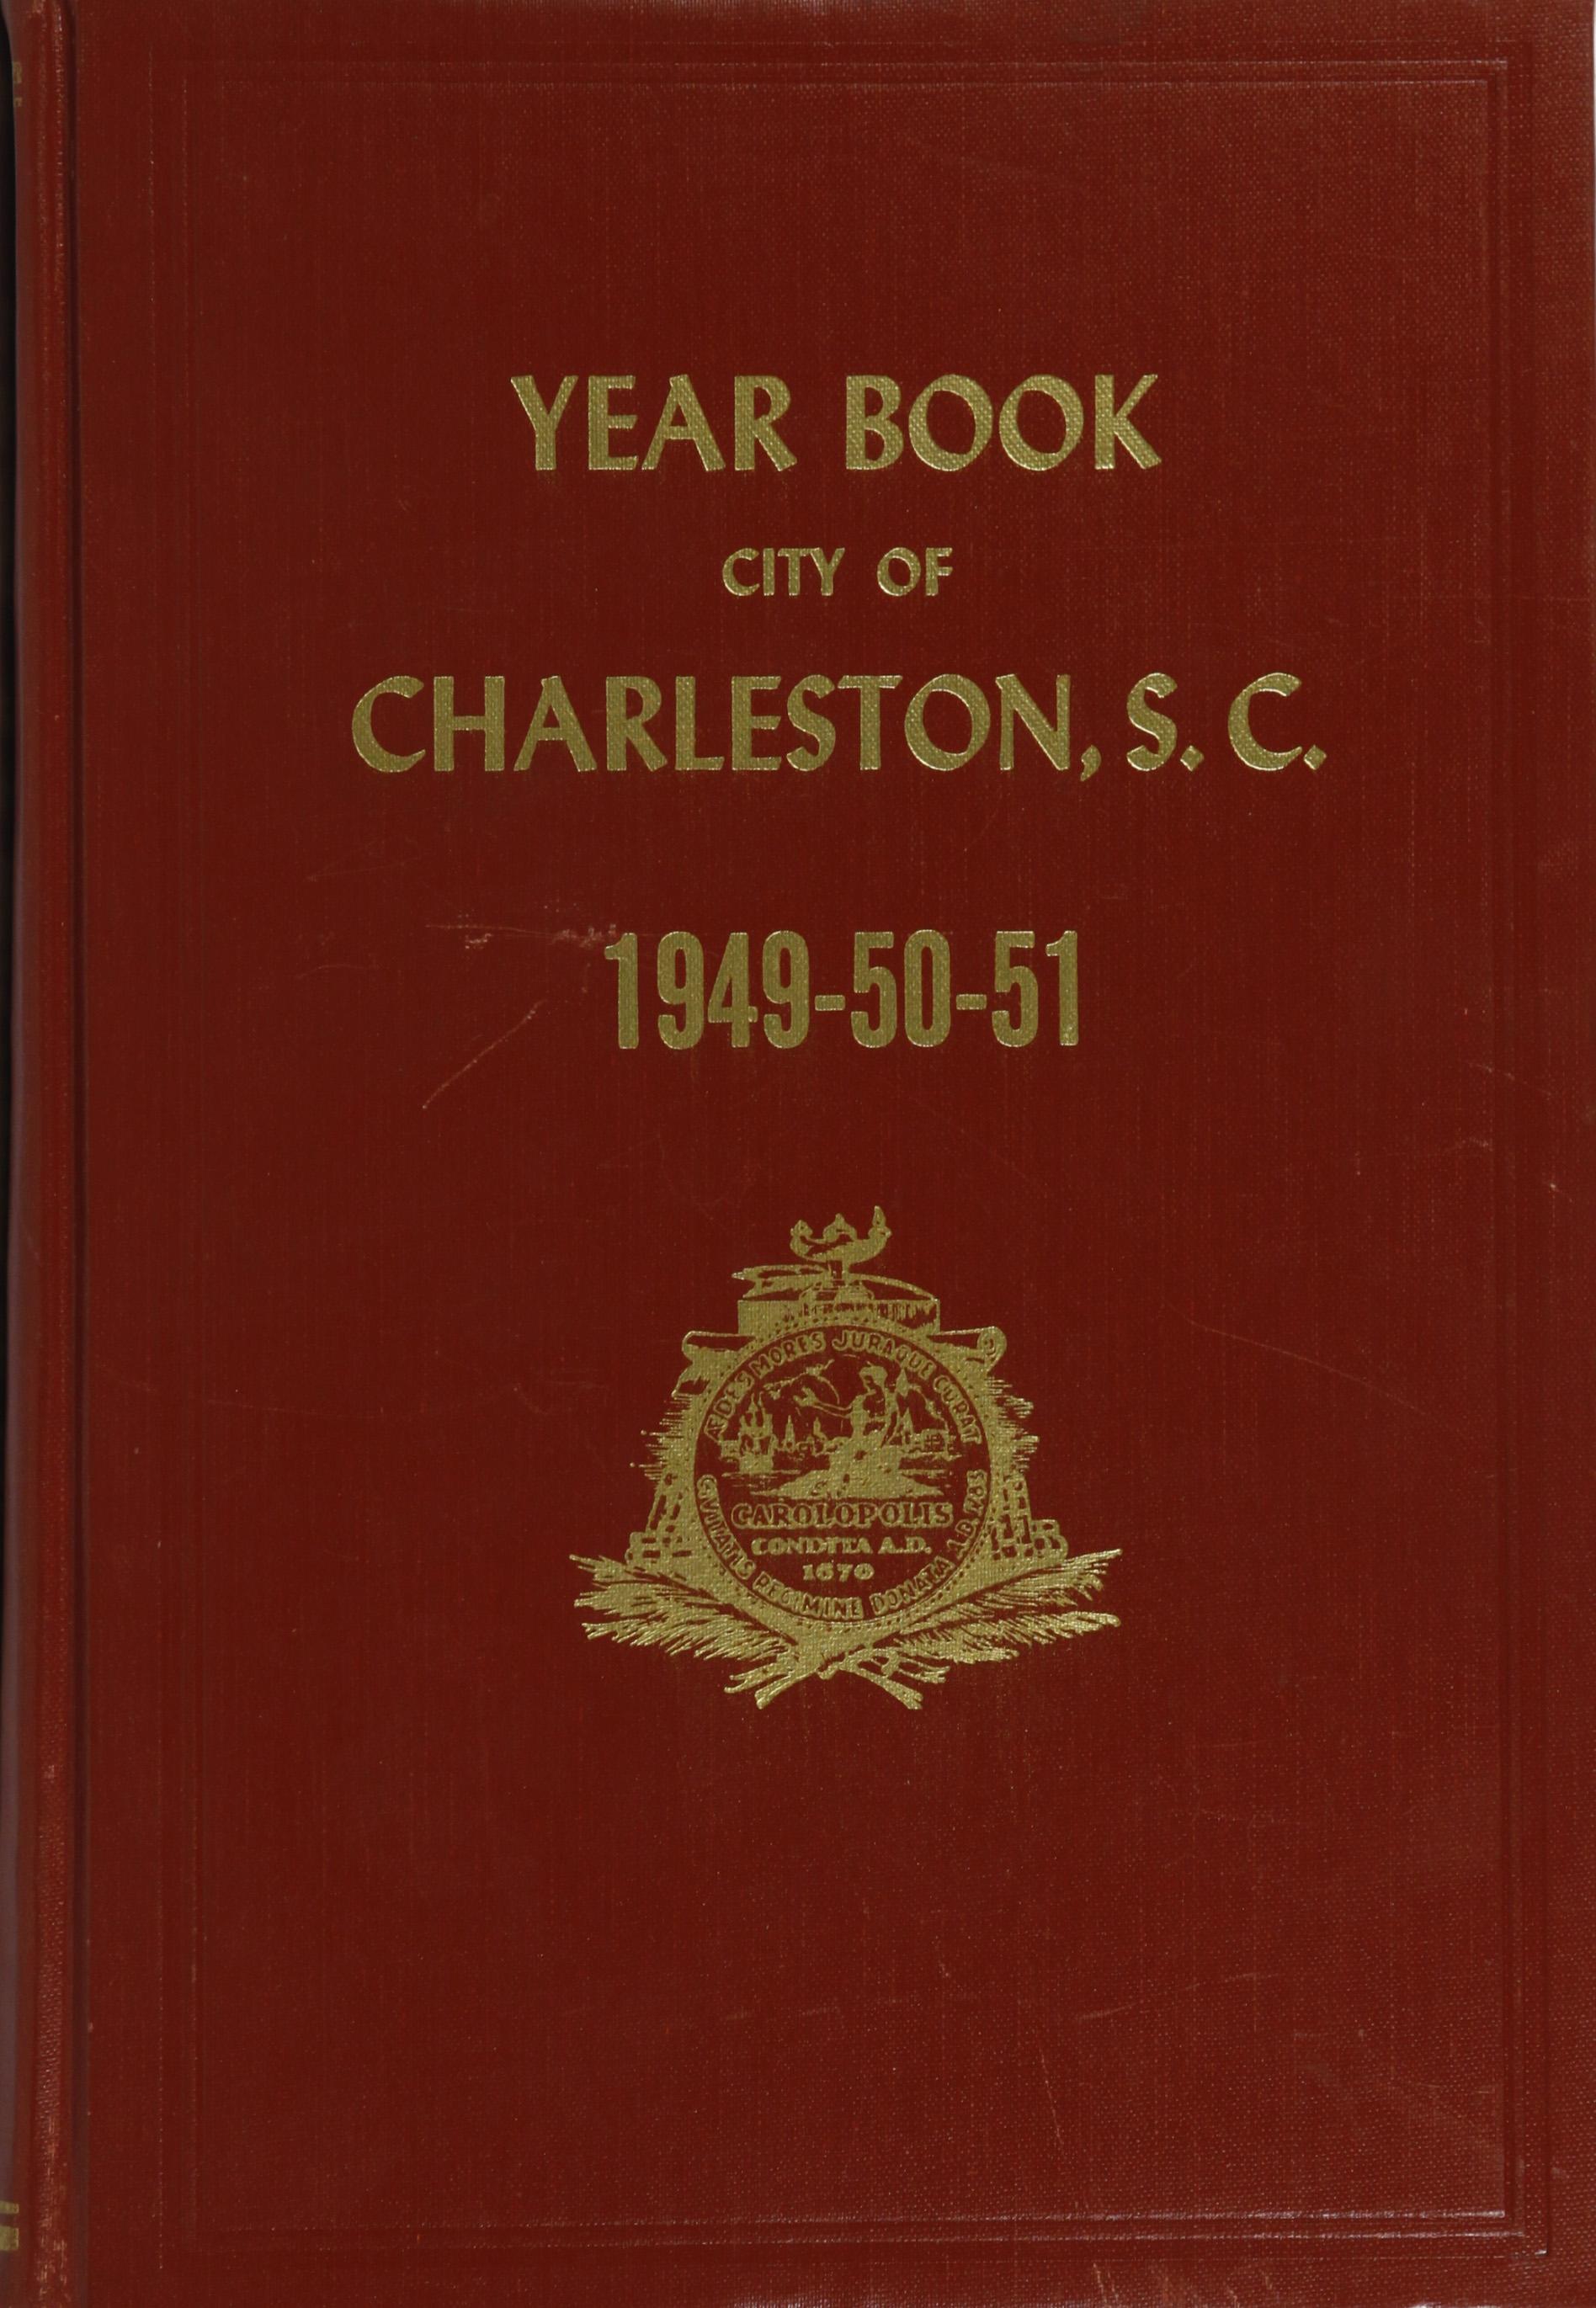 Charleston Yearbook, 1949-50-51